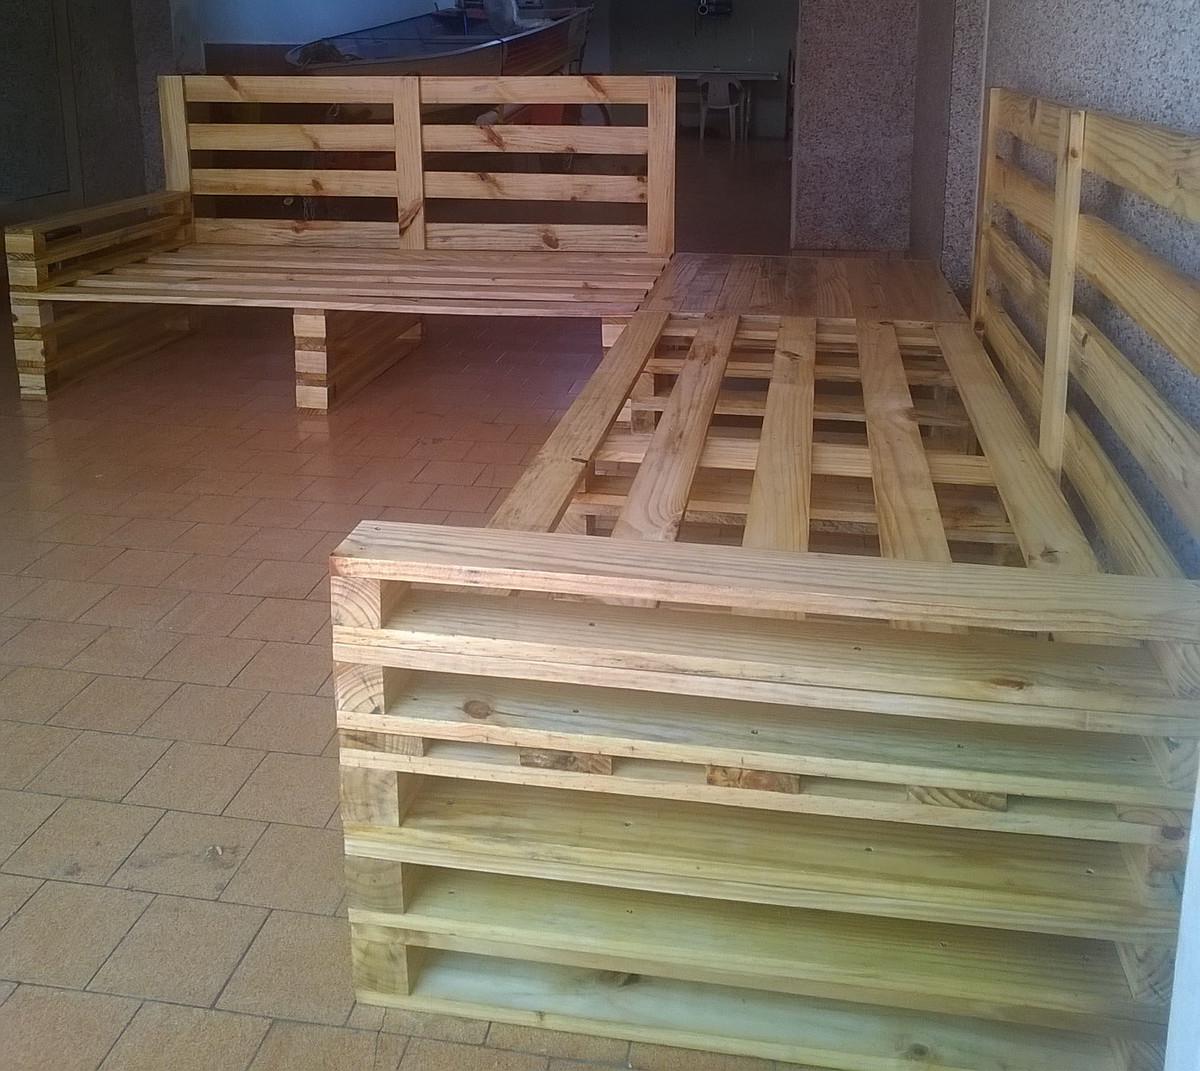 Sofa Pallet Jxdu sofà Pallet Mesa No Elo7 Wooden 8d4ca5